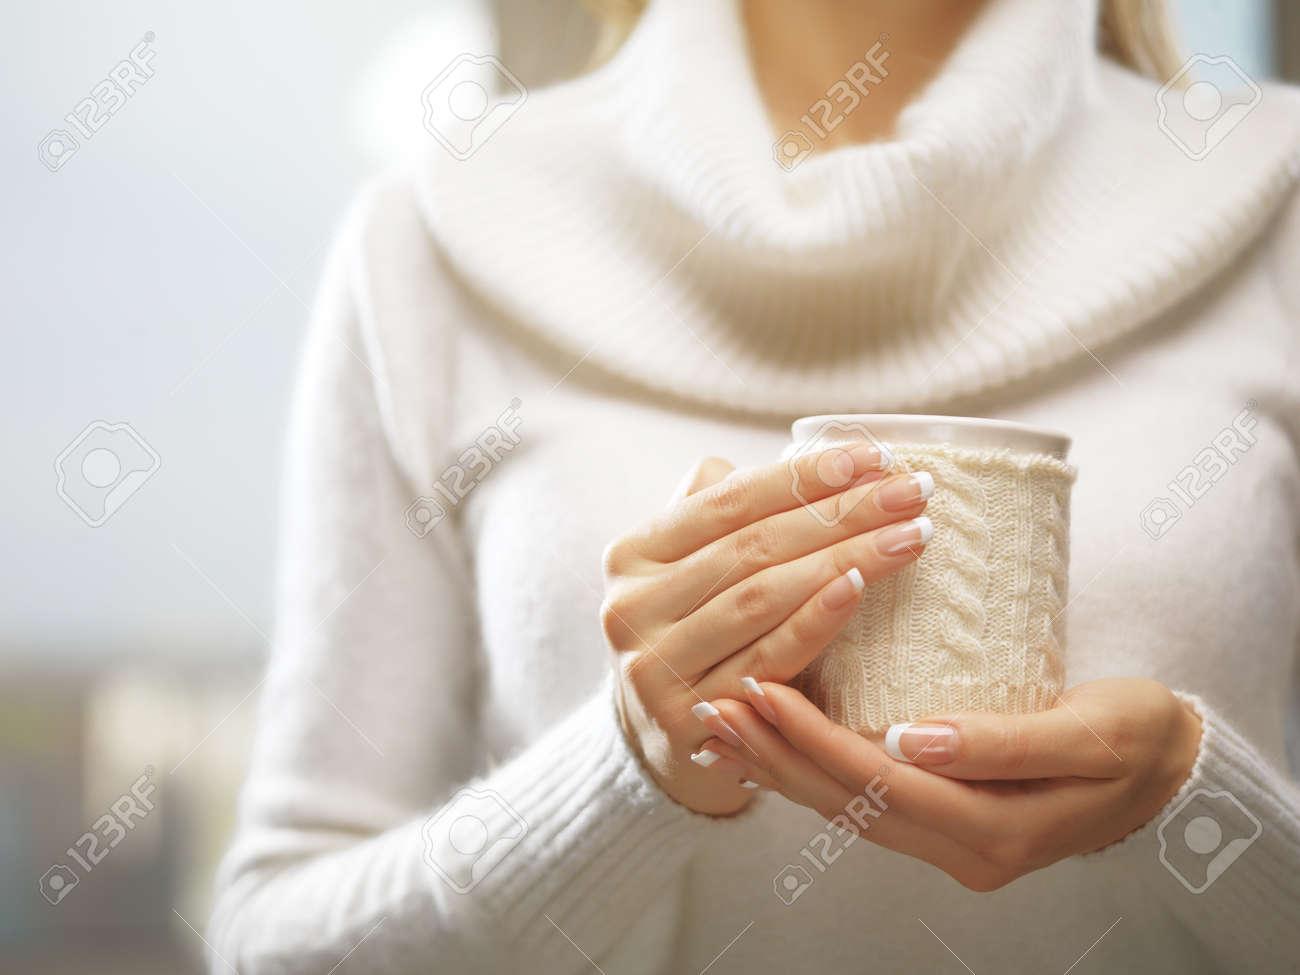 La Mujer Sostiene Una Taza De Invierno De Cerca. Manos De Mujer Con ...